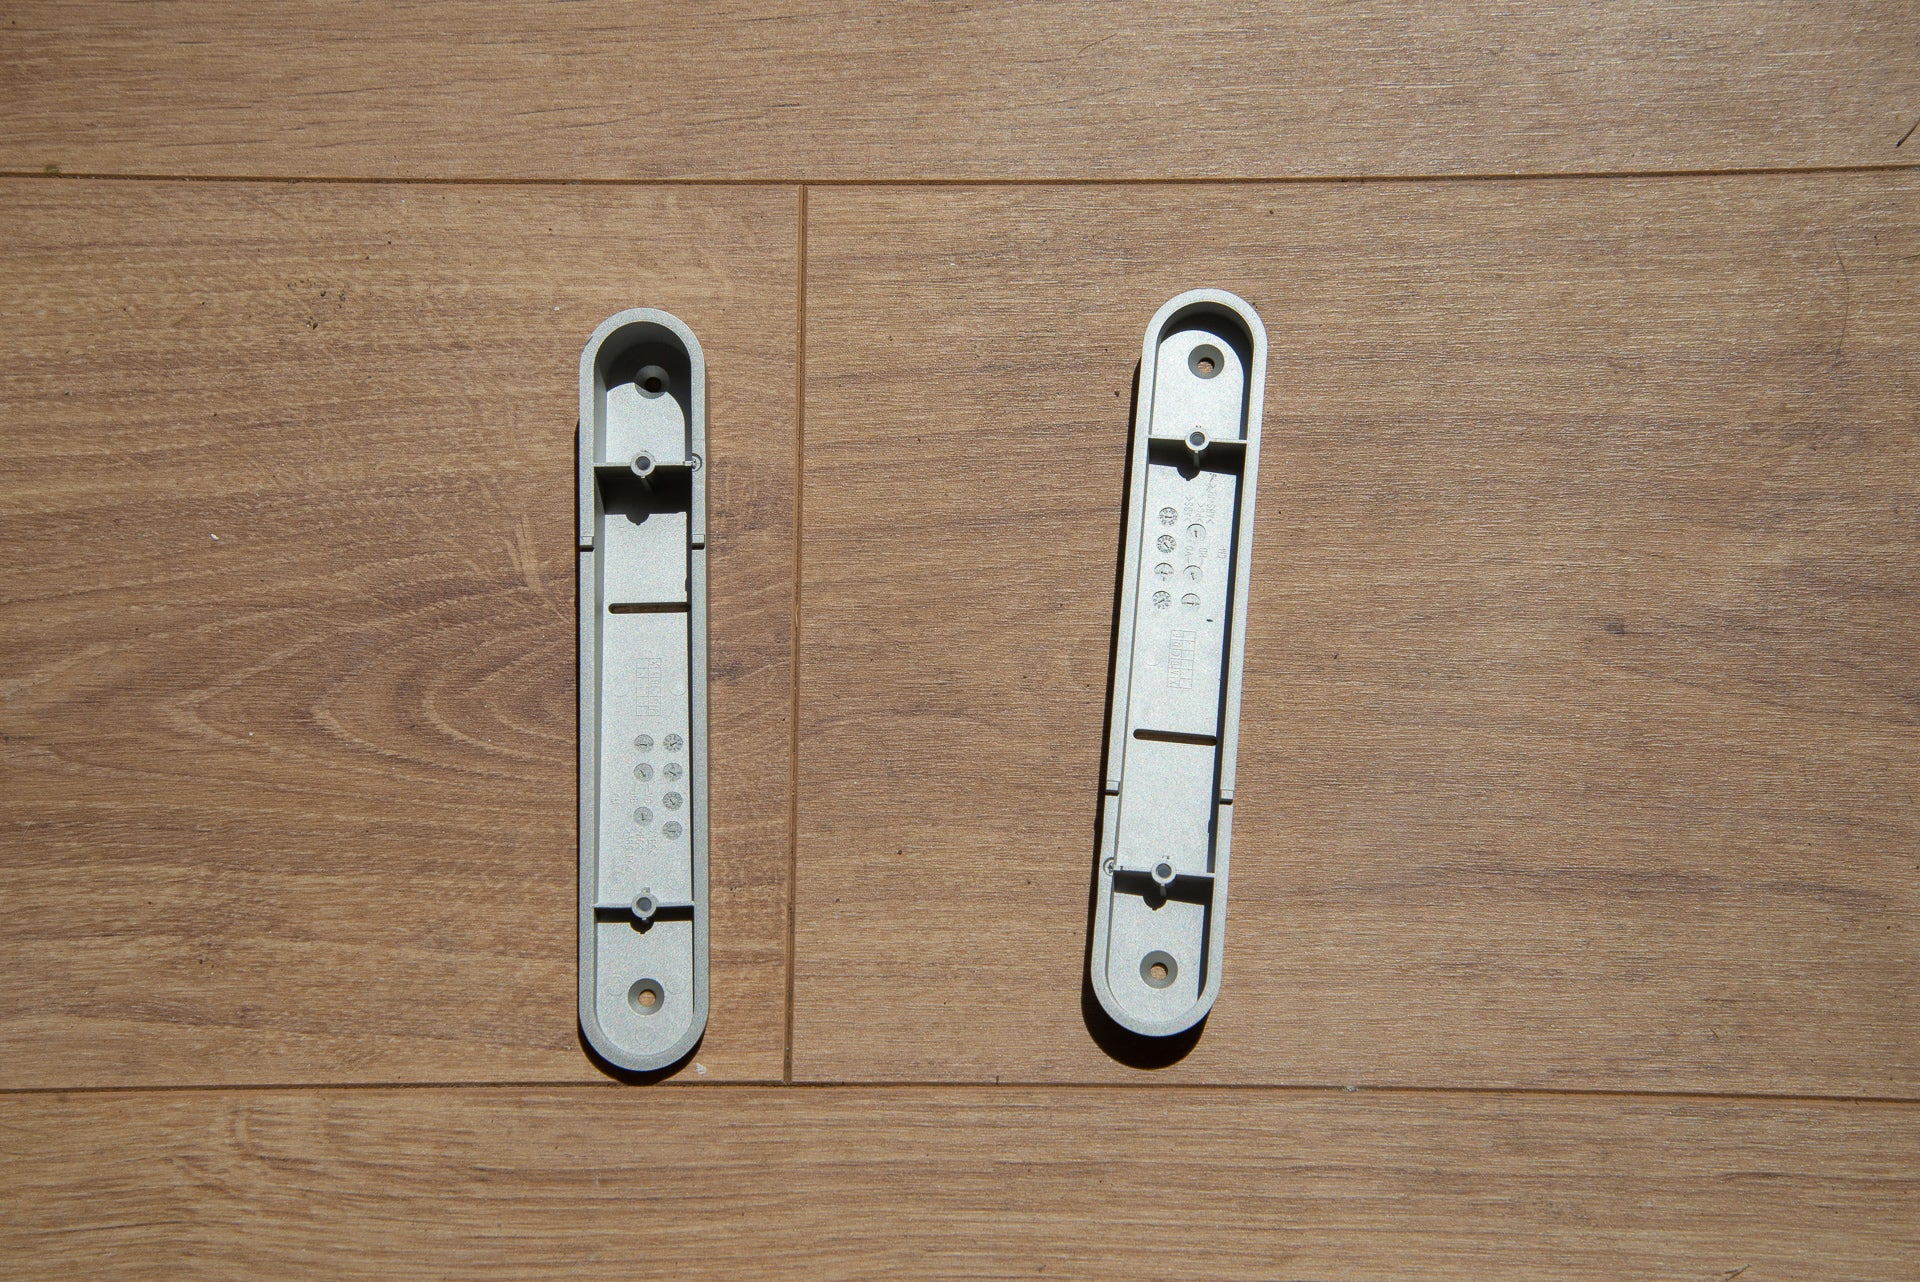 Arbor Video Doorbell mounting brackets